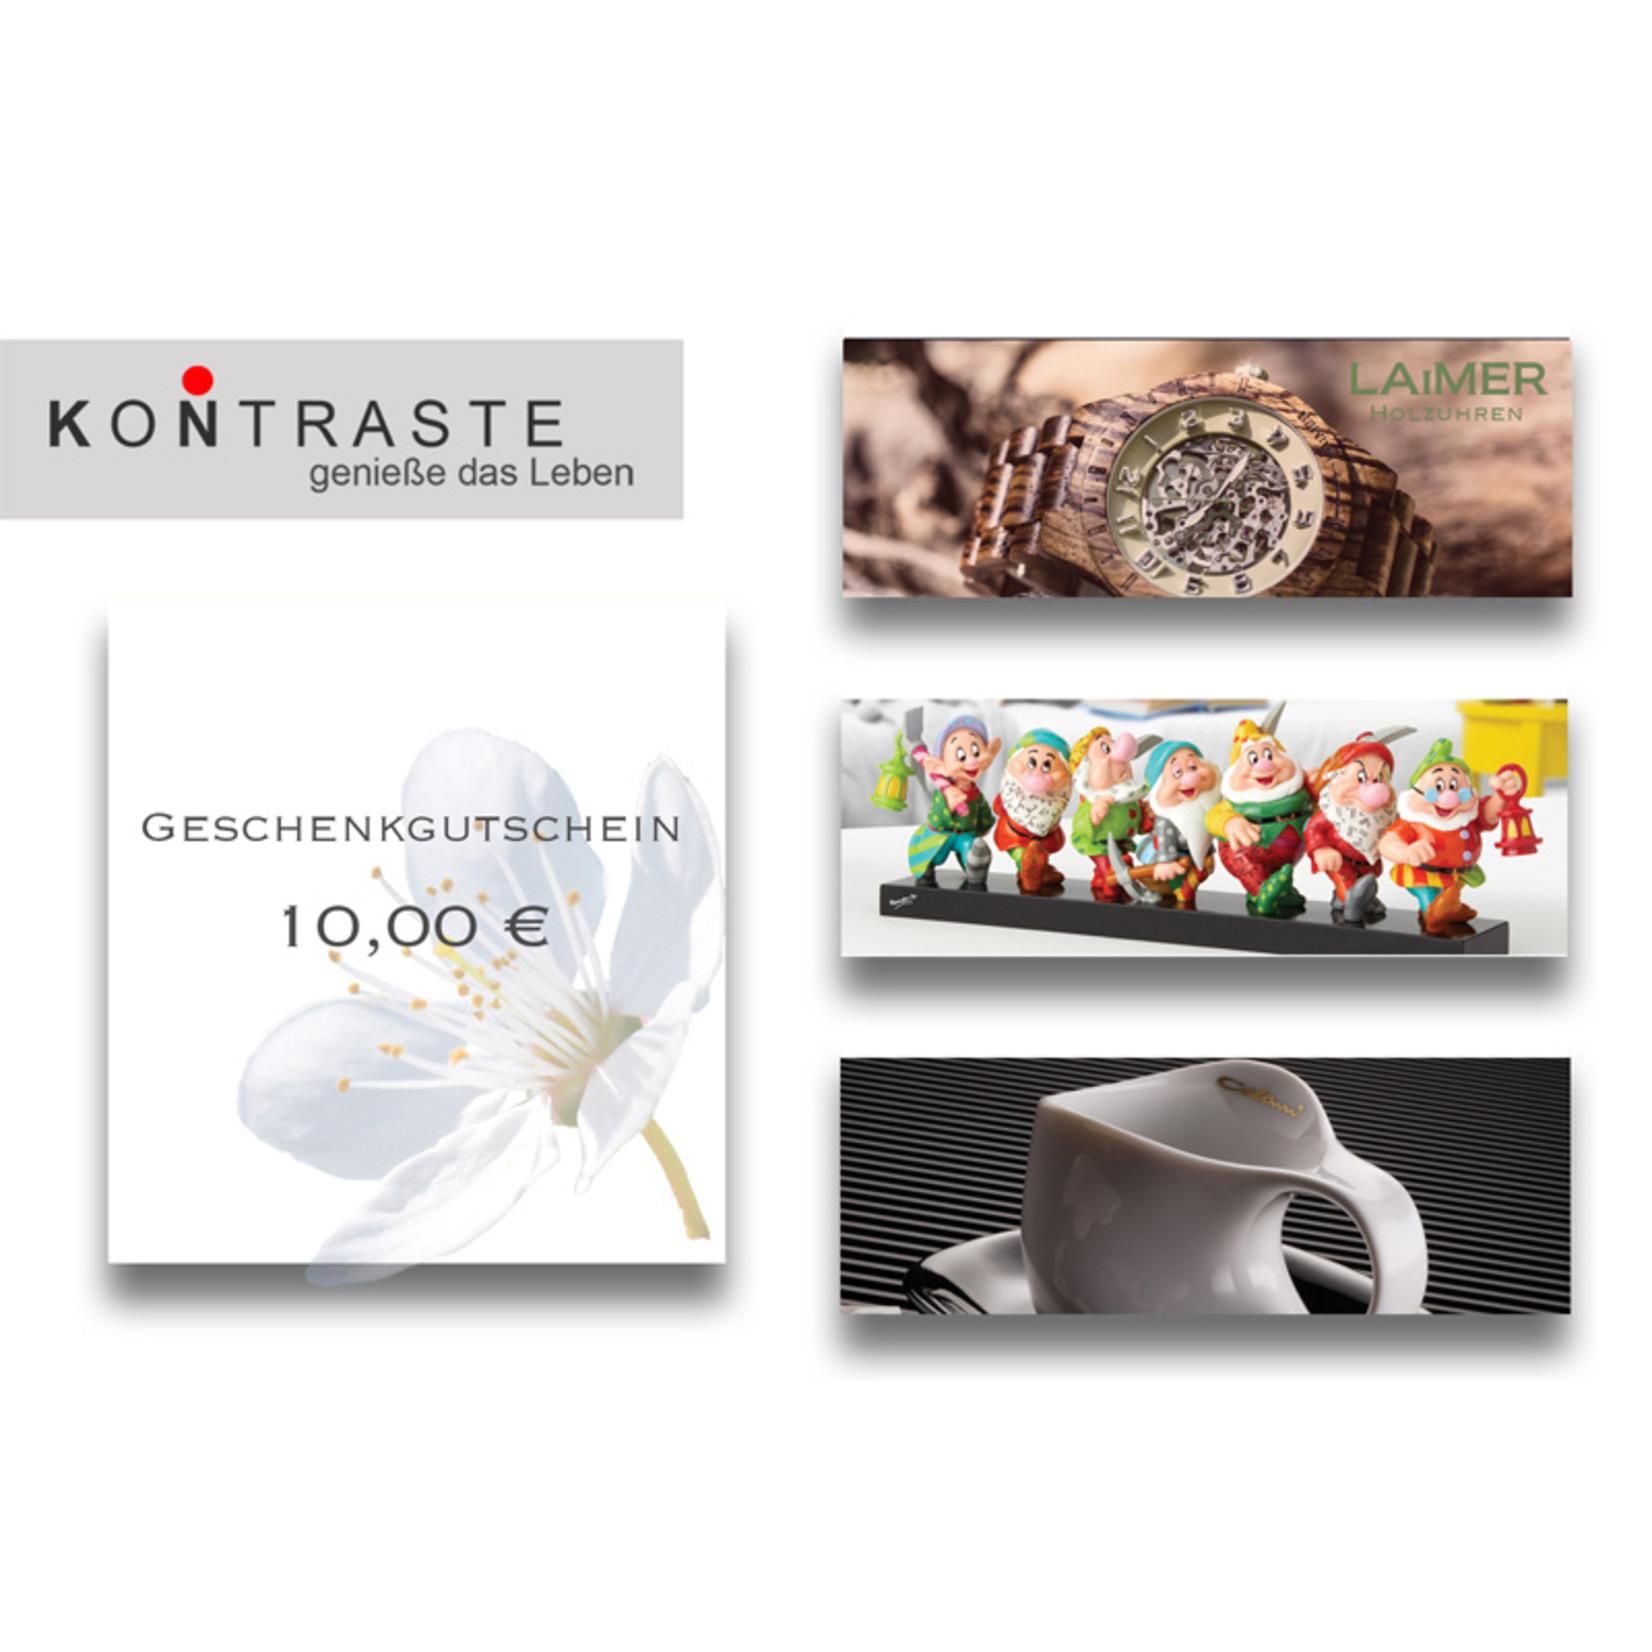 Geschenkgutschein 10,00 € I online & im Geschäft einlösbar